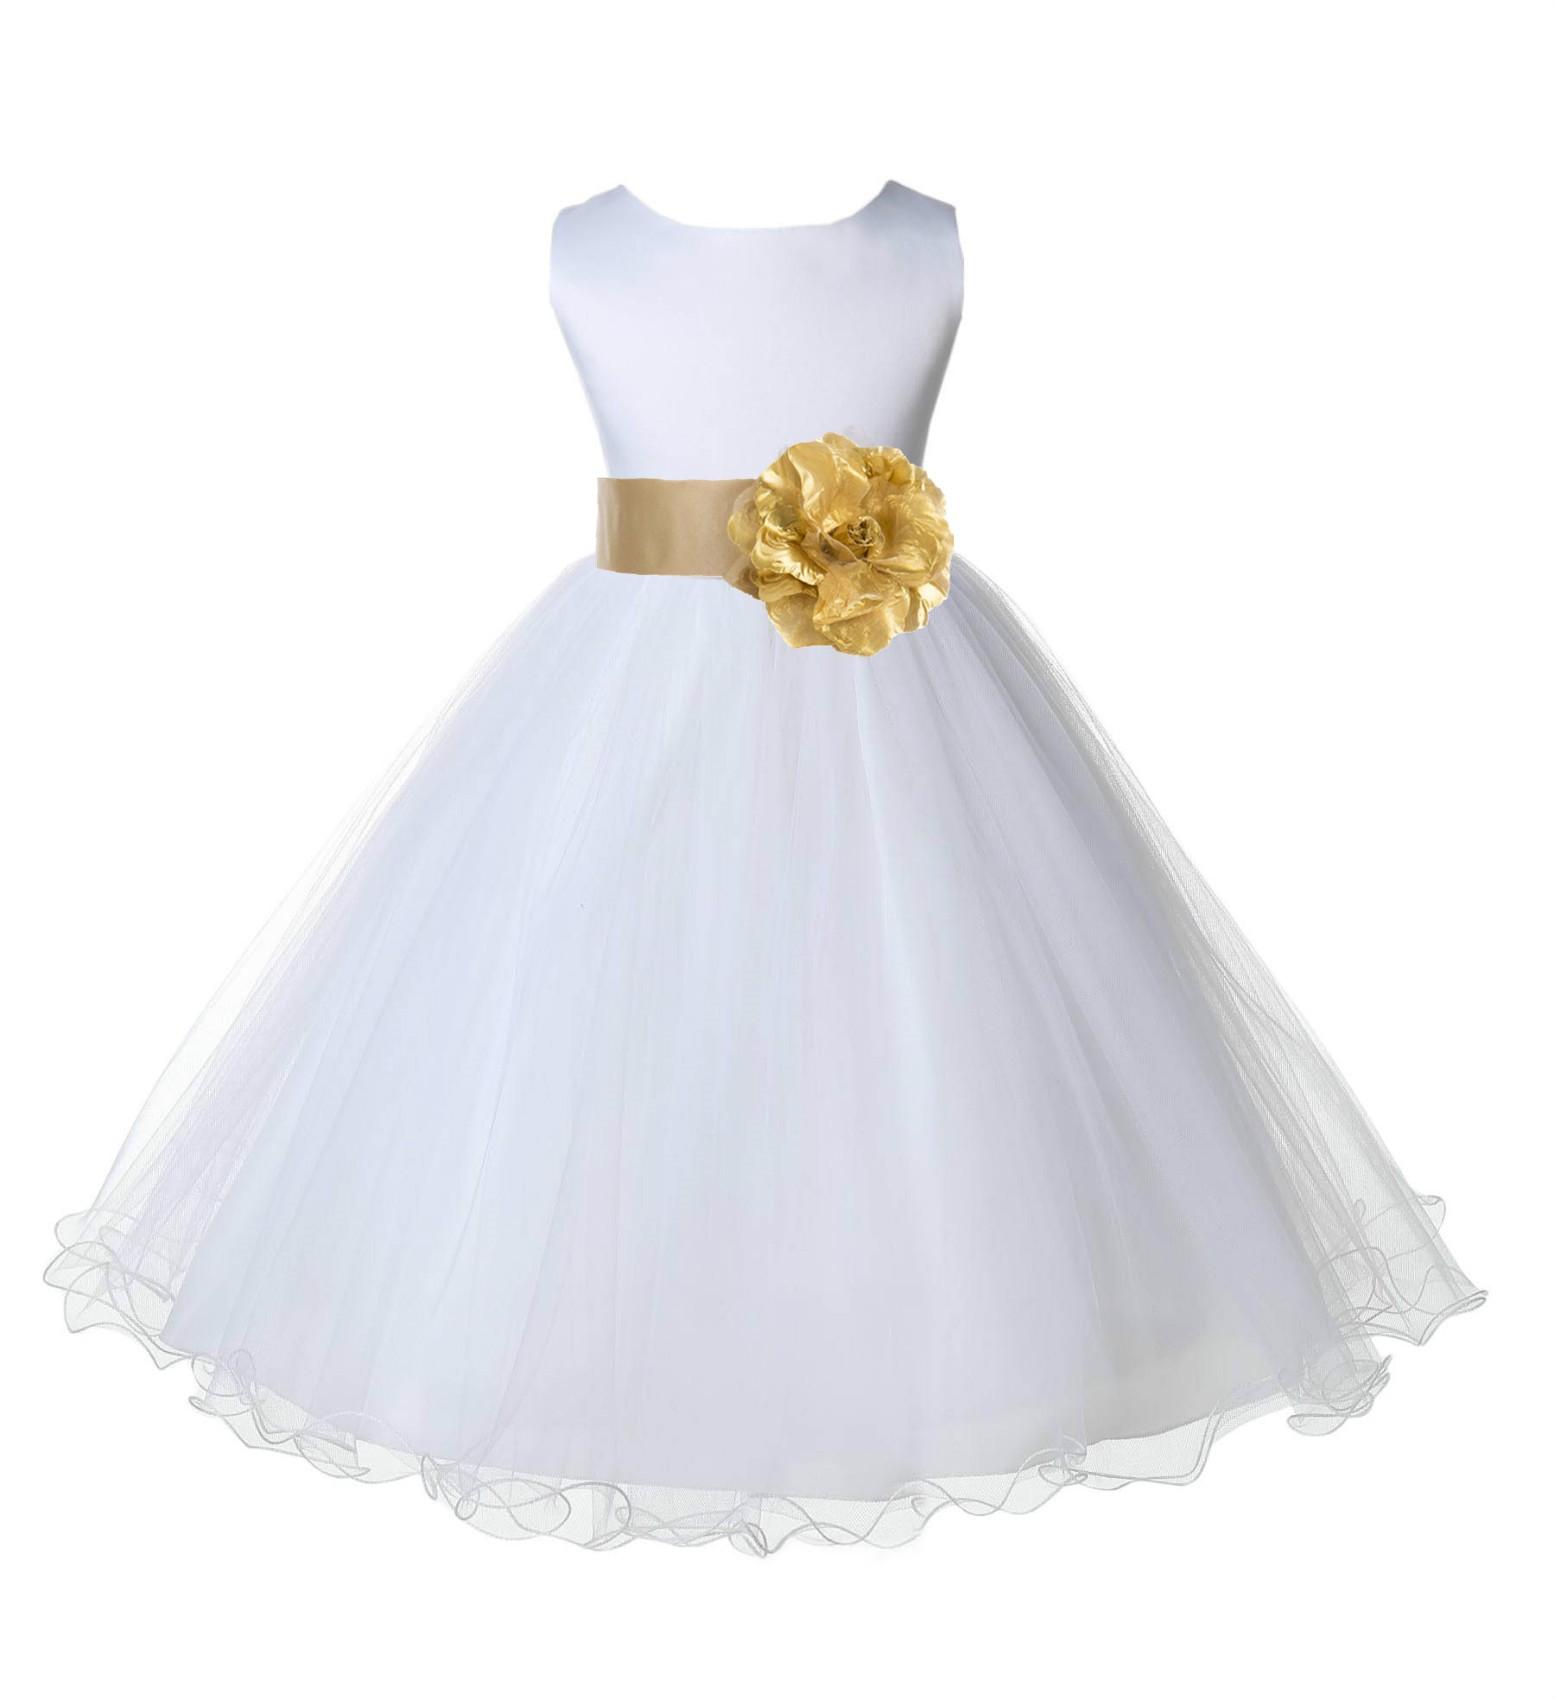 White/GoldTulle Rattail Edge Flower Girl Dress Wedding Bridal 829S